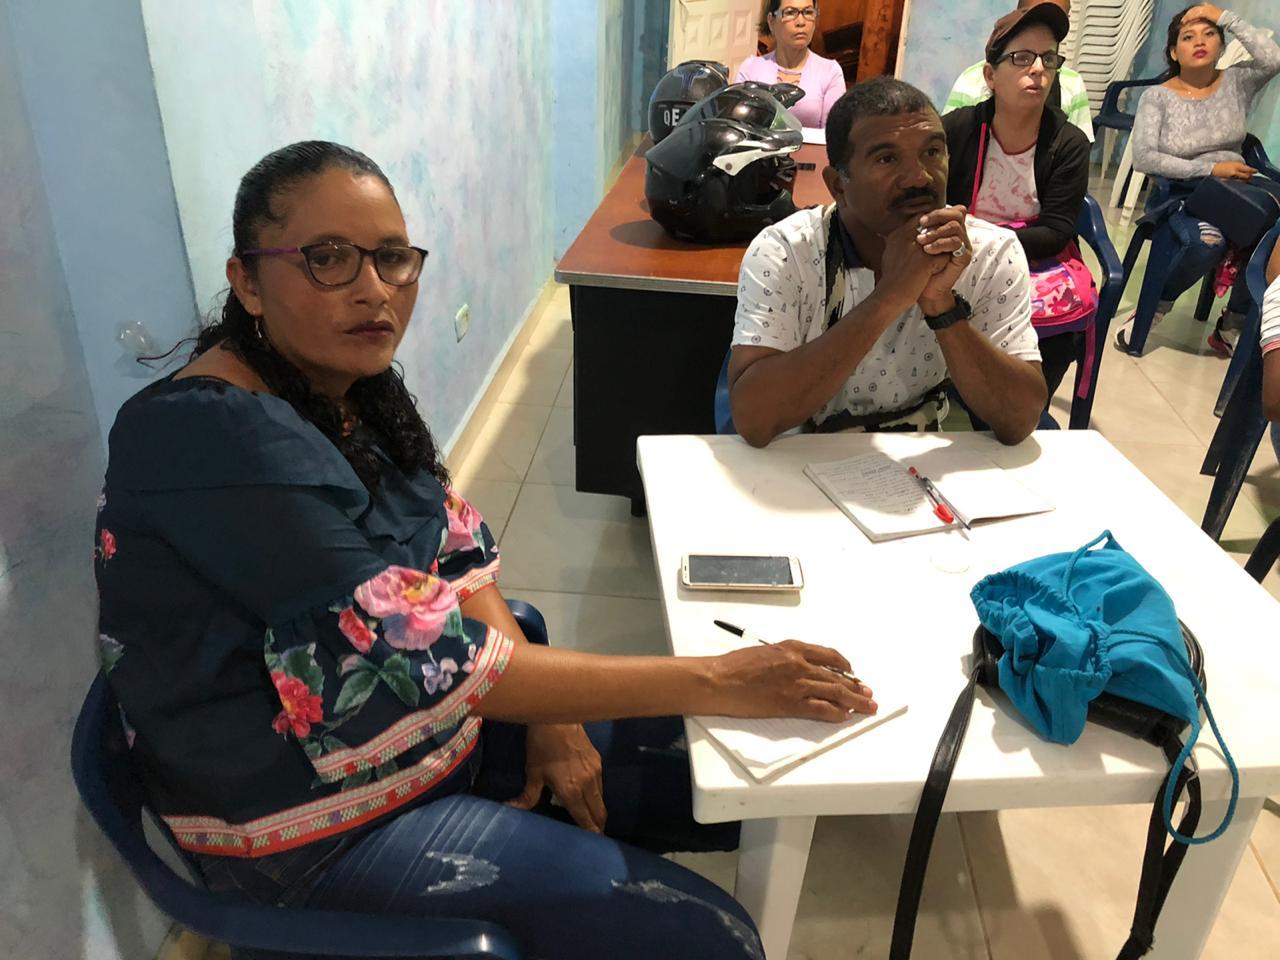 Trabajadores de Playa Cristal se capacitan en una segunda lengua